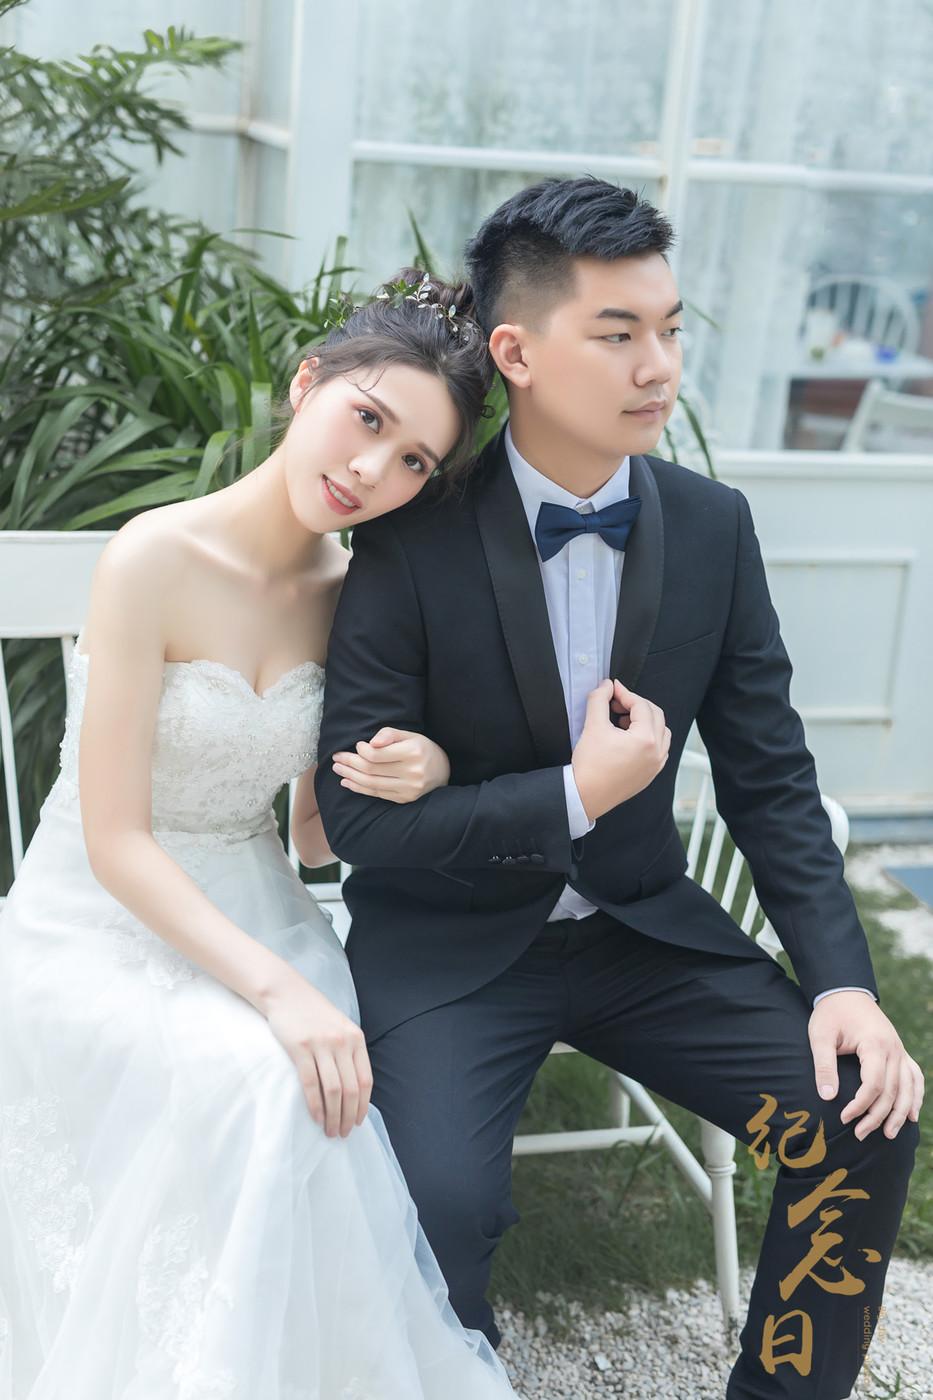 婚纱 | 嘉颖&靖怡17